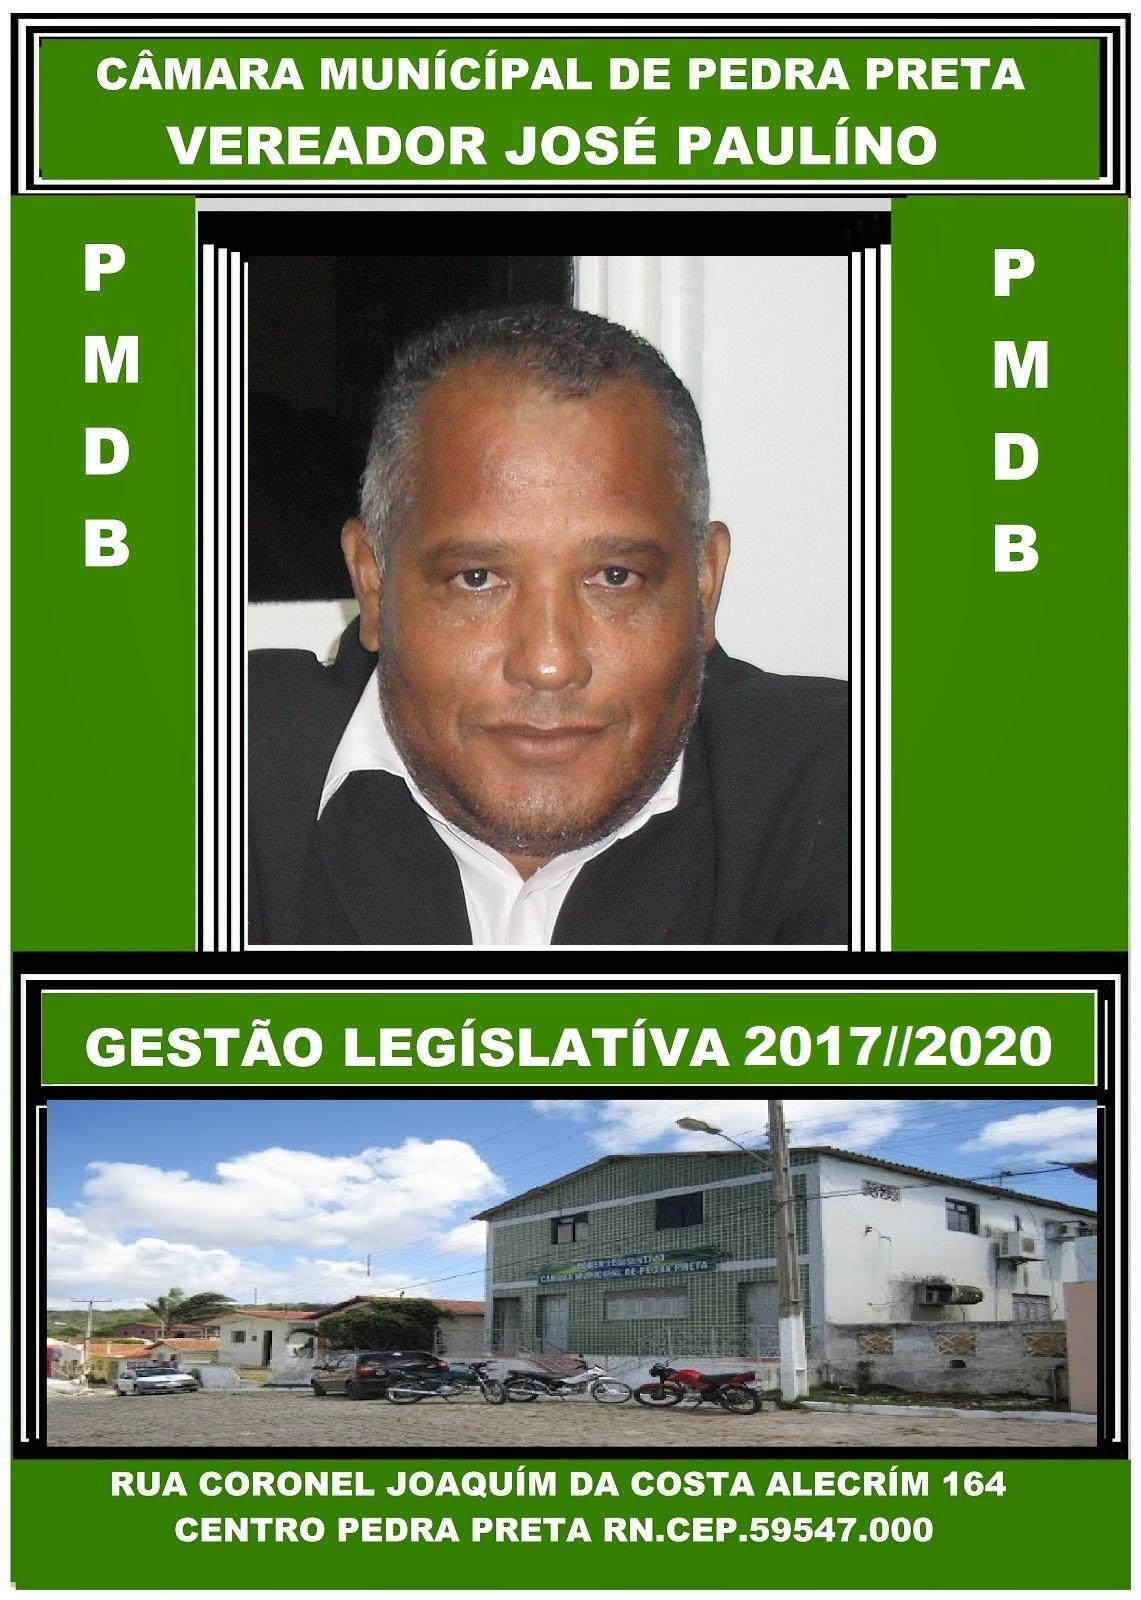 VEREADOR JOSÉ PAULINO PEDRA PRETA RN.